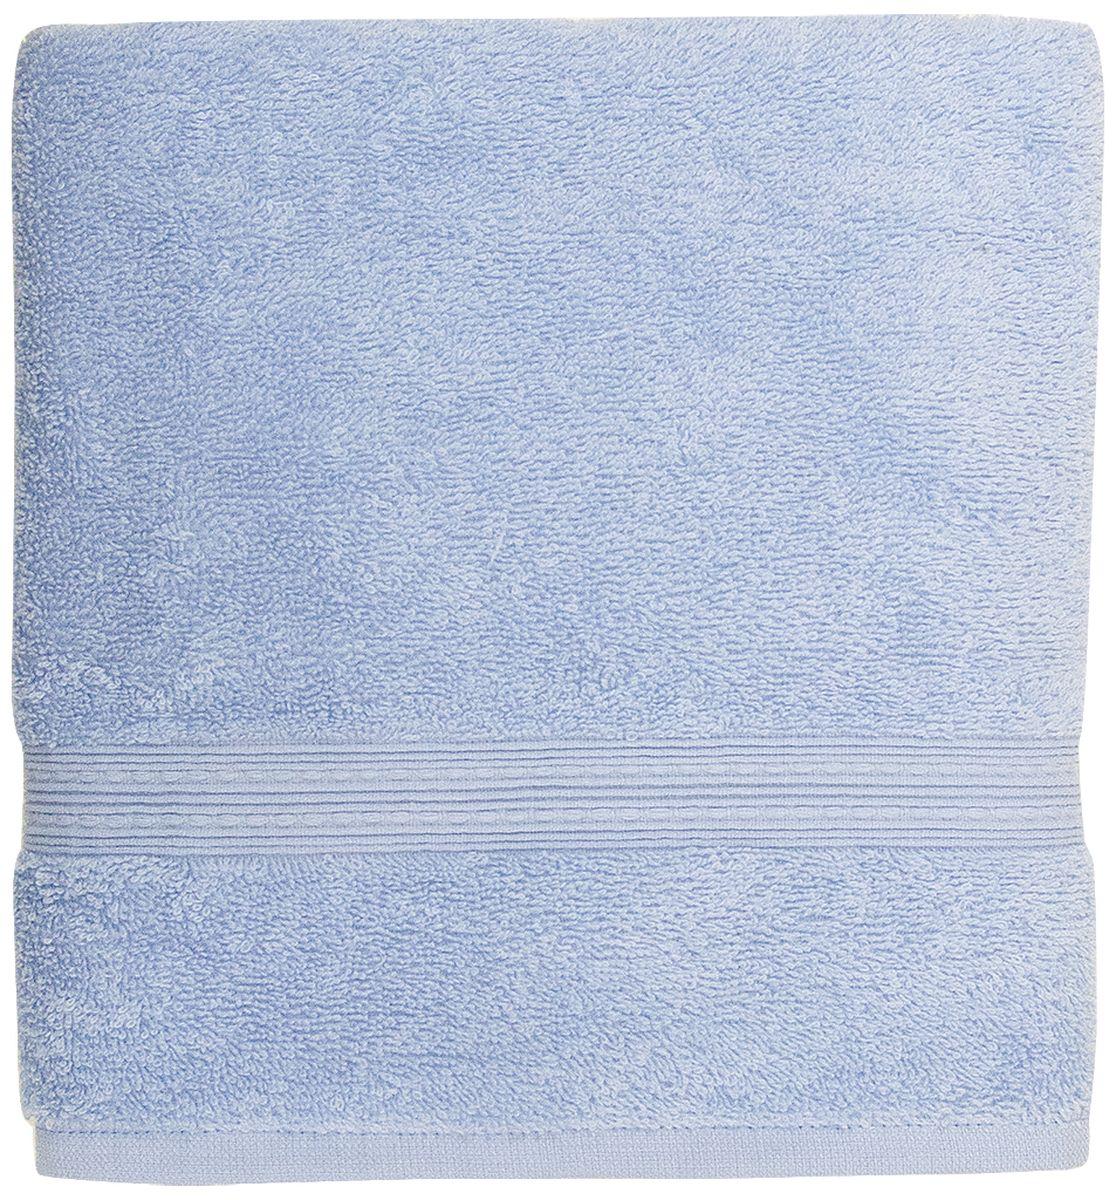 Полотенце банное Bonita Classic, цвет: азур, 50 x 90 см68/5/2Банное полотенце Bonita Classic выполнено из 100% хлопка. Изделие отлично впитывает влагу, быстро сохнет, сохраняет яркость цвета и не теряет форму даже после многократных стирок. Такое полотенце очень практично и неприхотливо в уходе. Оно создаст прекрасное настроение и украсит интерьер в ванной комнате.